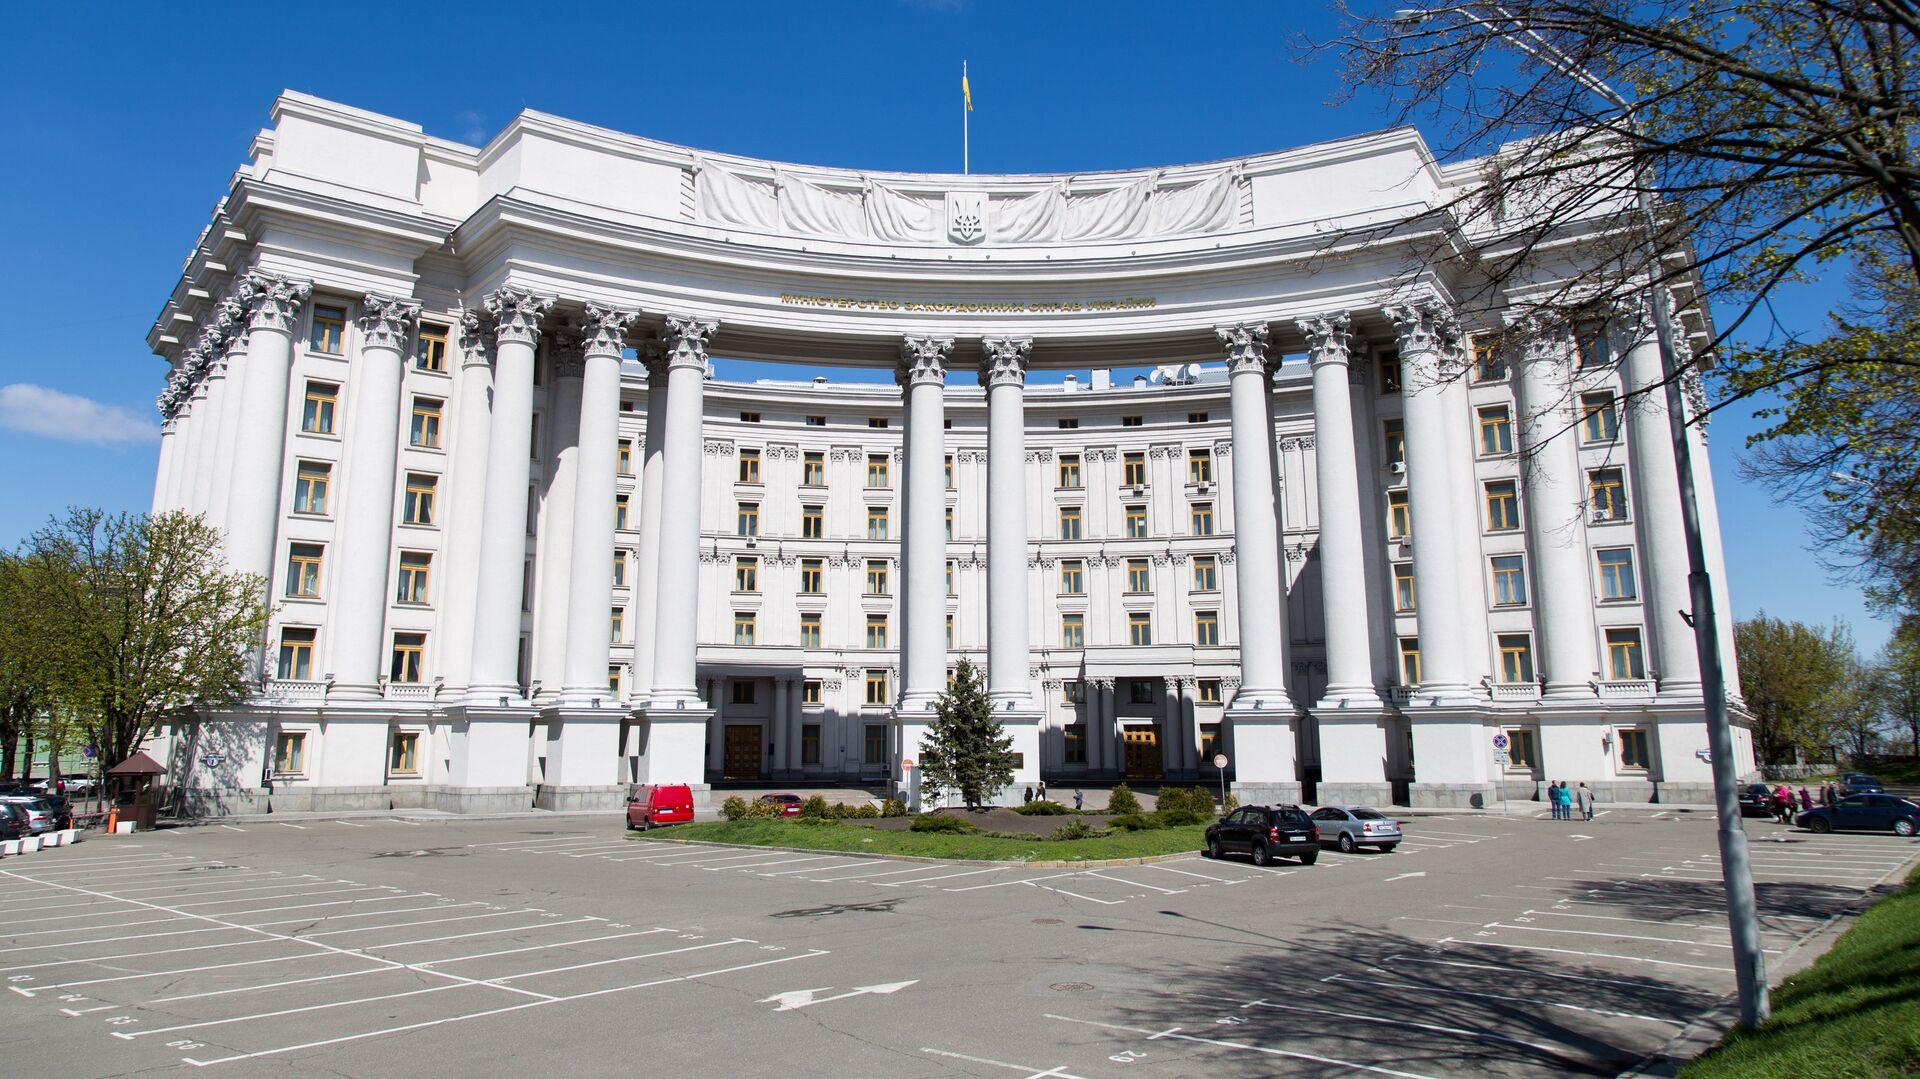 Здание Министерства иностранных дел Украины в Киеве, архивное фото - Sputnik Грузия, 1920, 02.10.2021